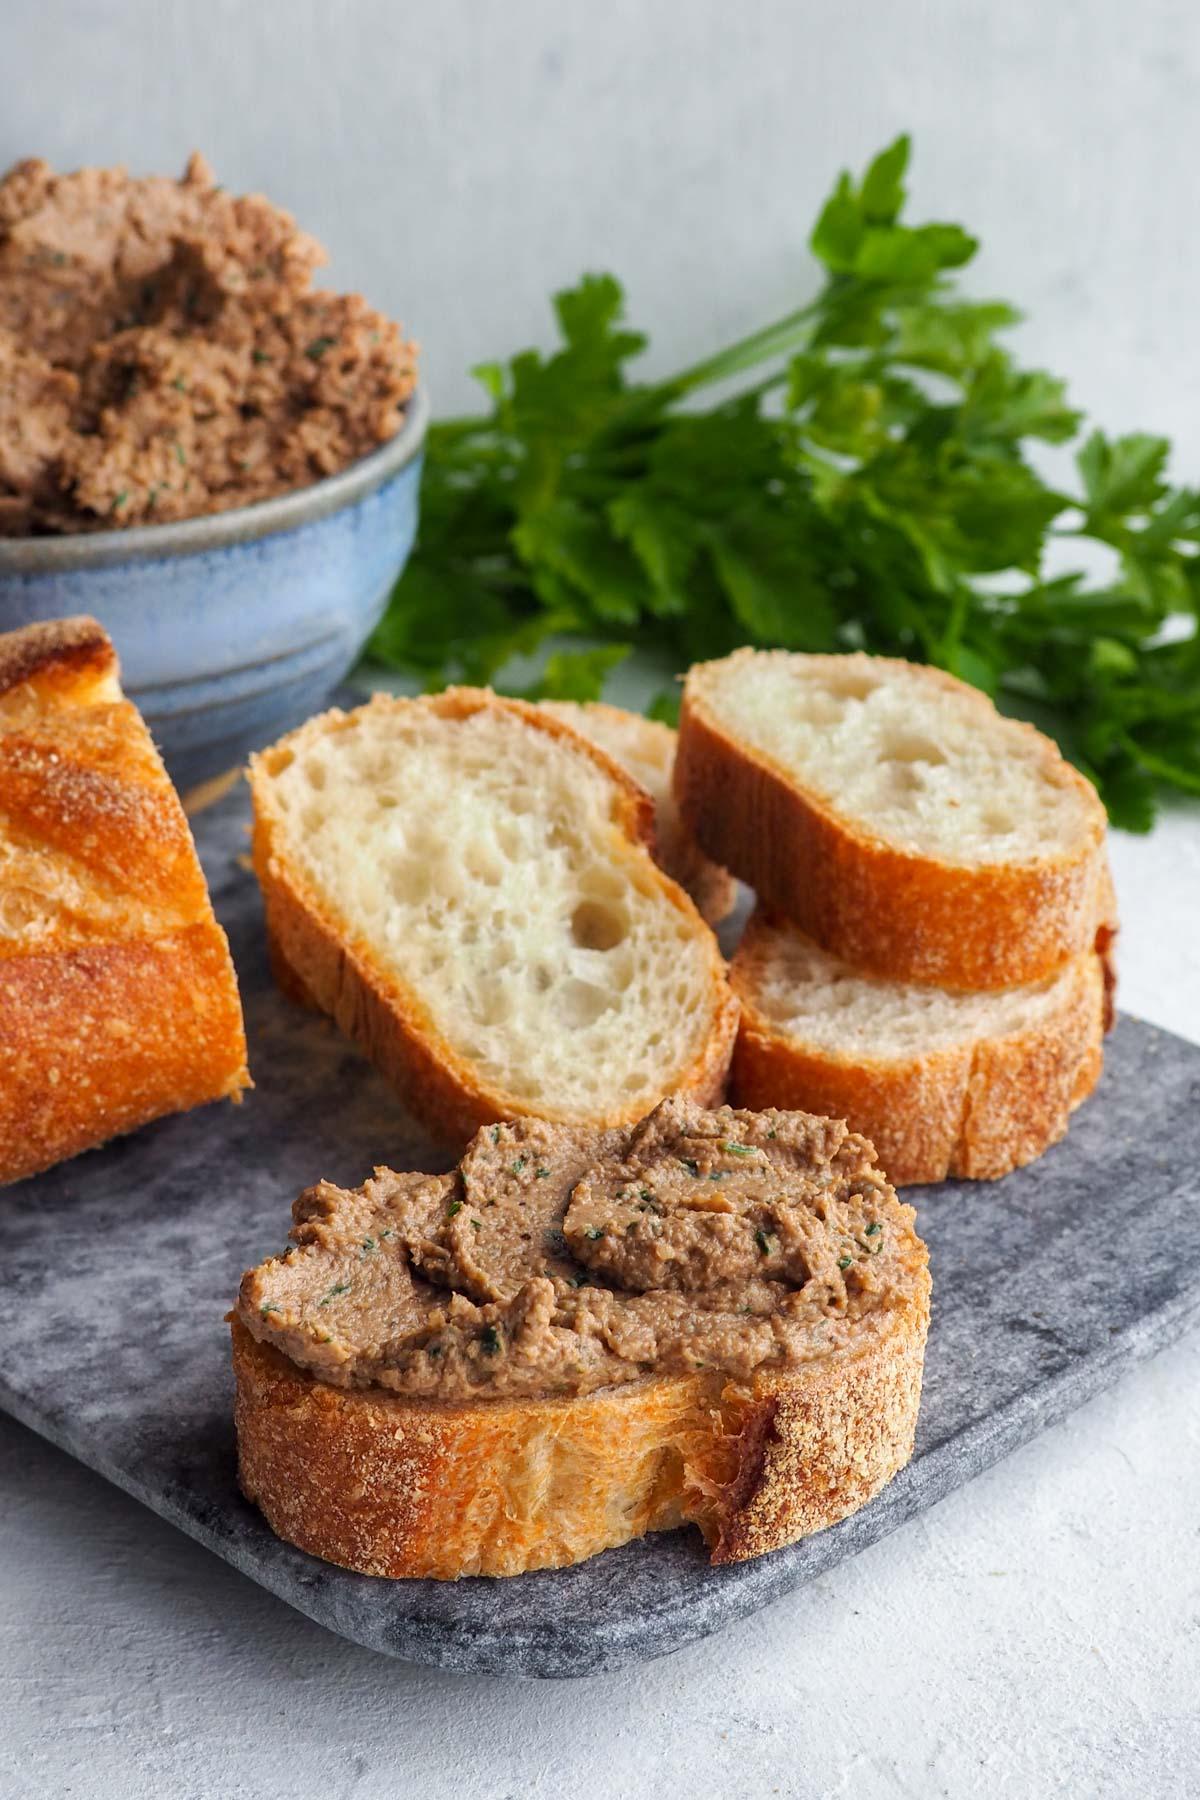 vegan walnut mushroom pate on bread